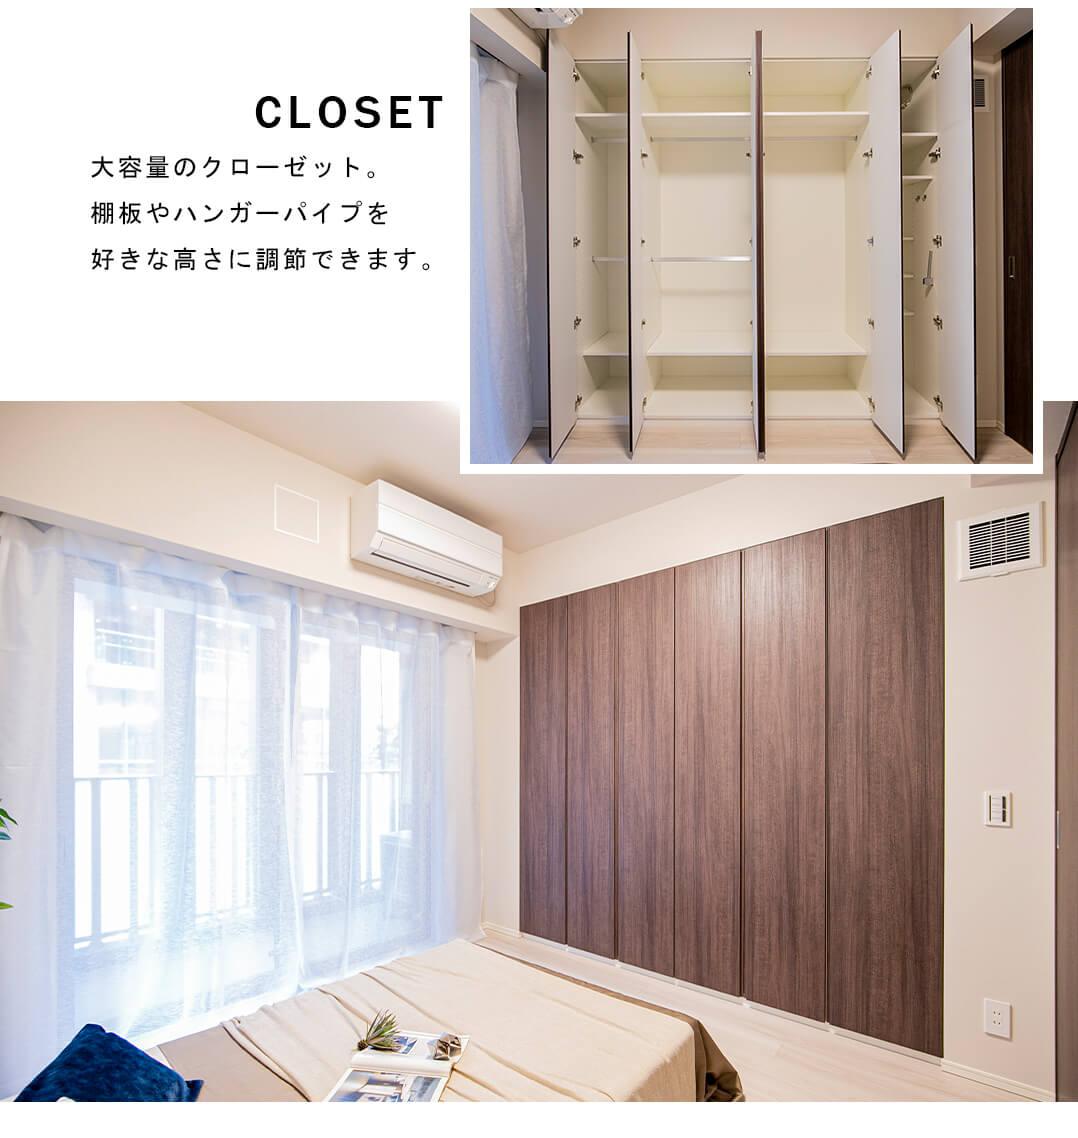 ザ・パークハウスアーバンス渋谷の洋室